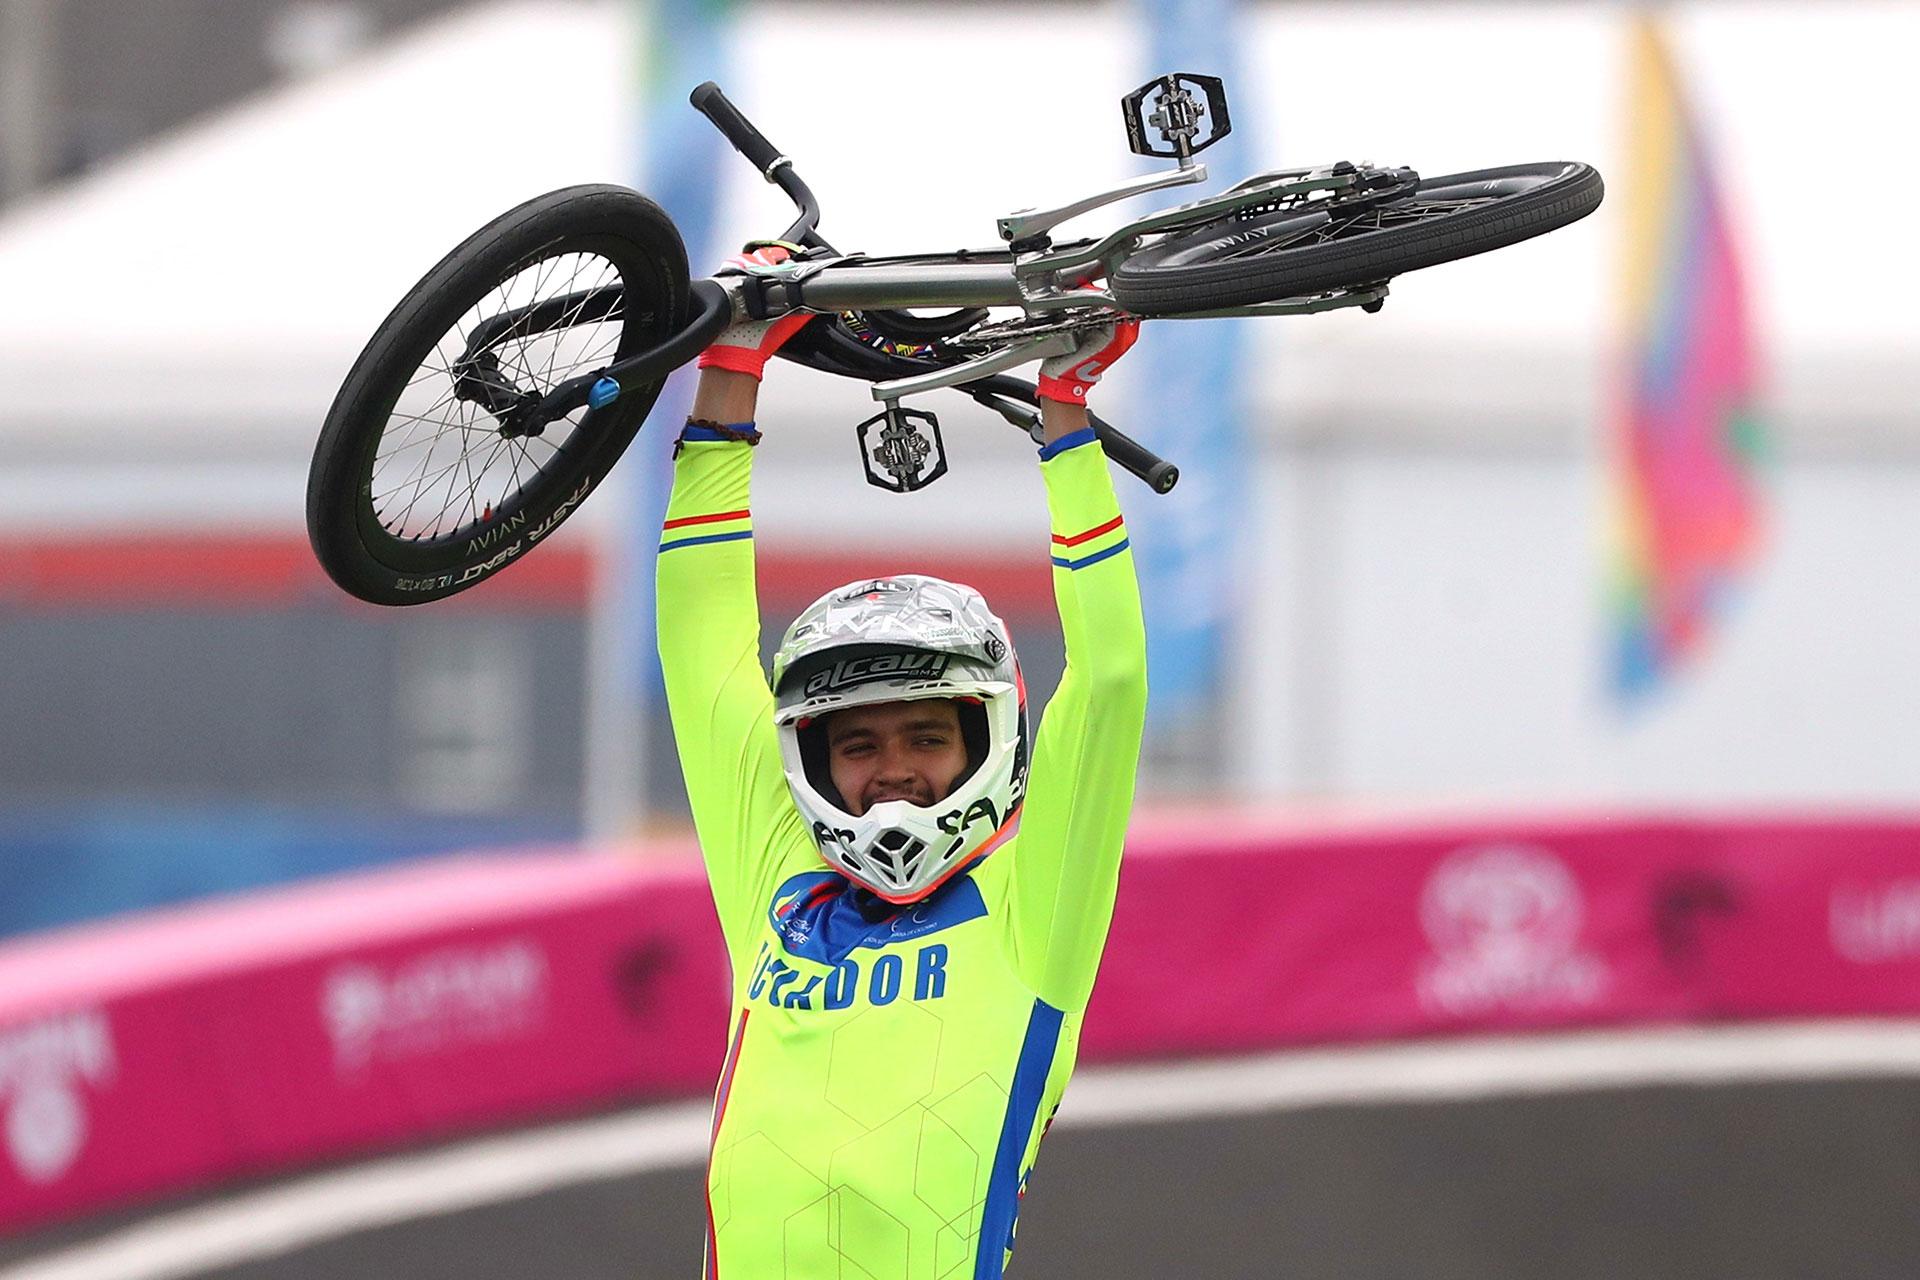 El festejo del ecuatoriano Alfredo Campo en BMX tras quedarse con el Oro